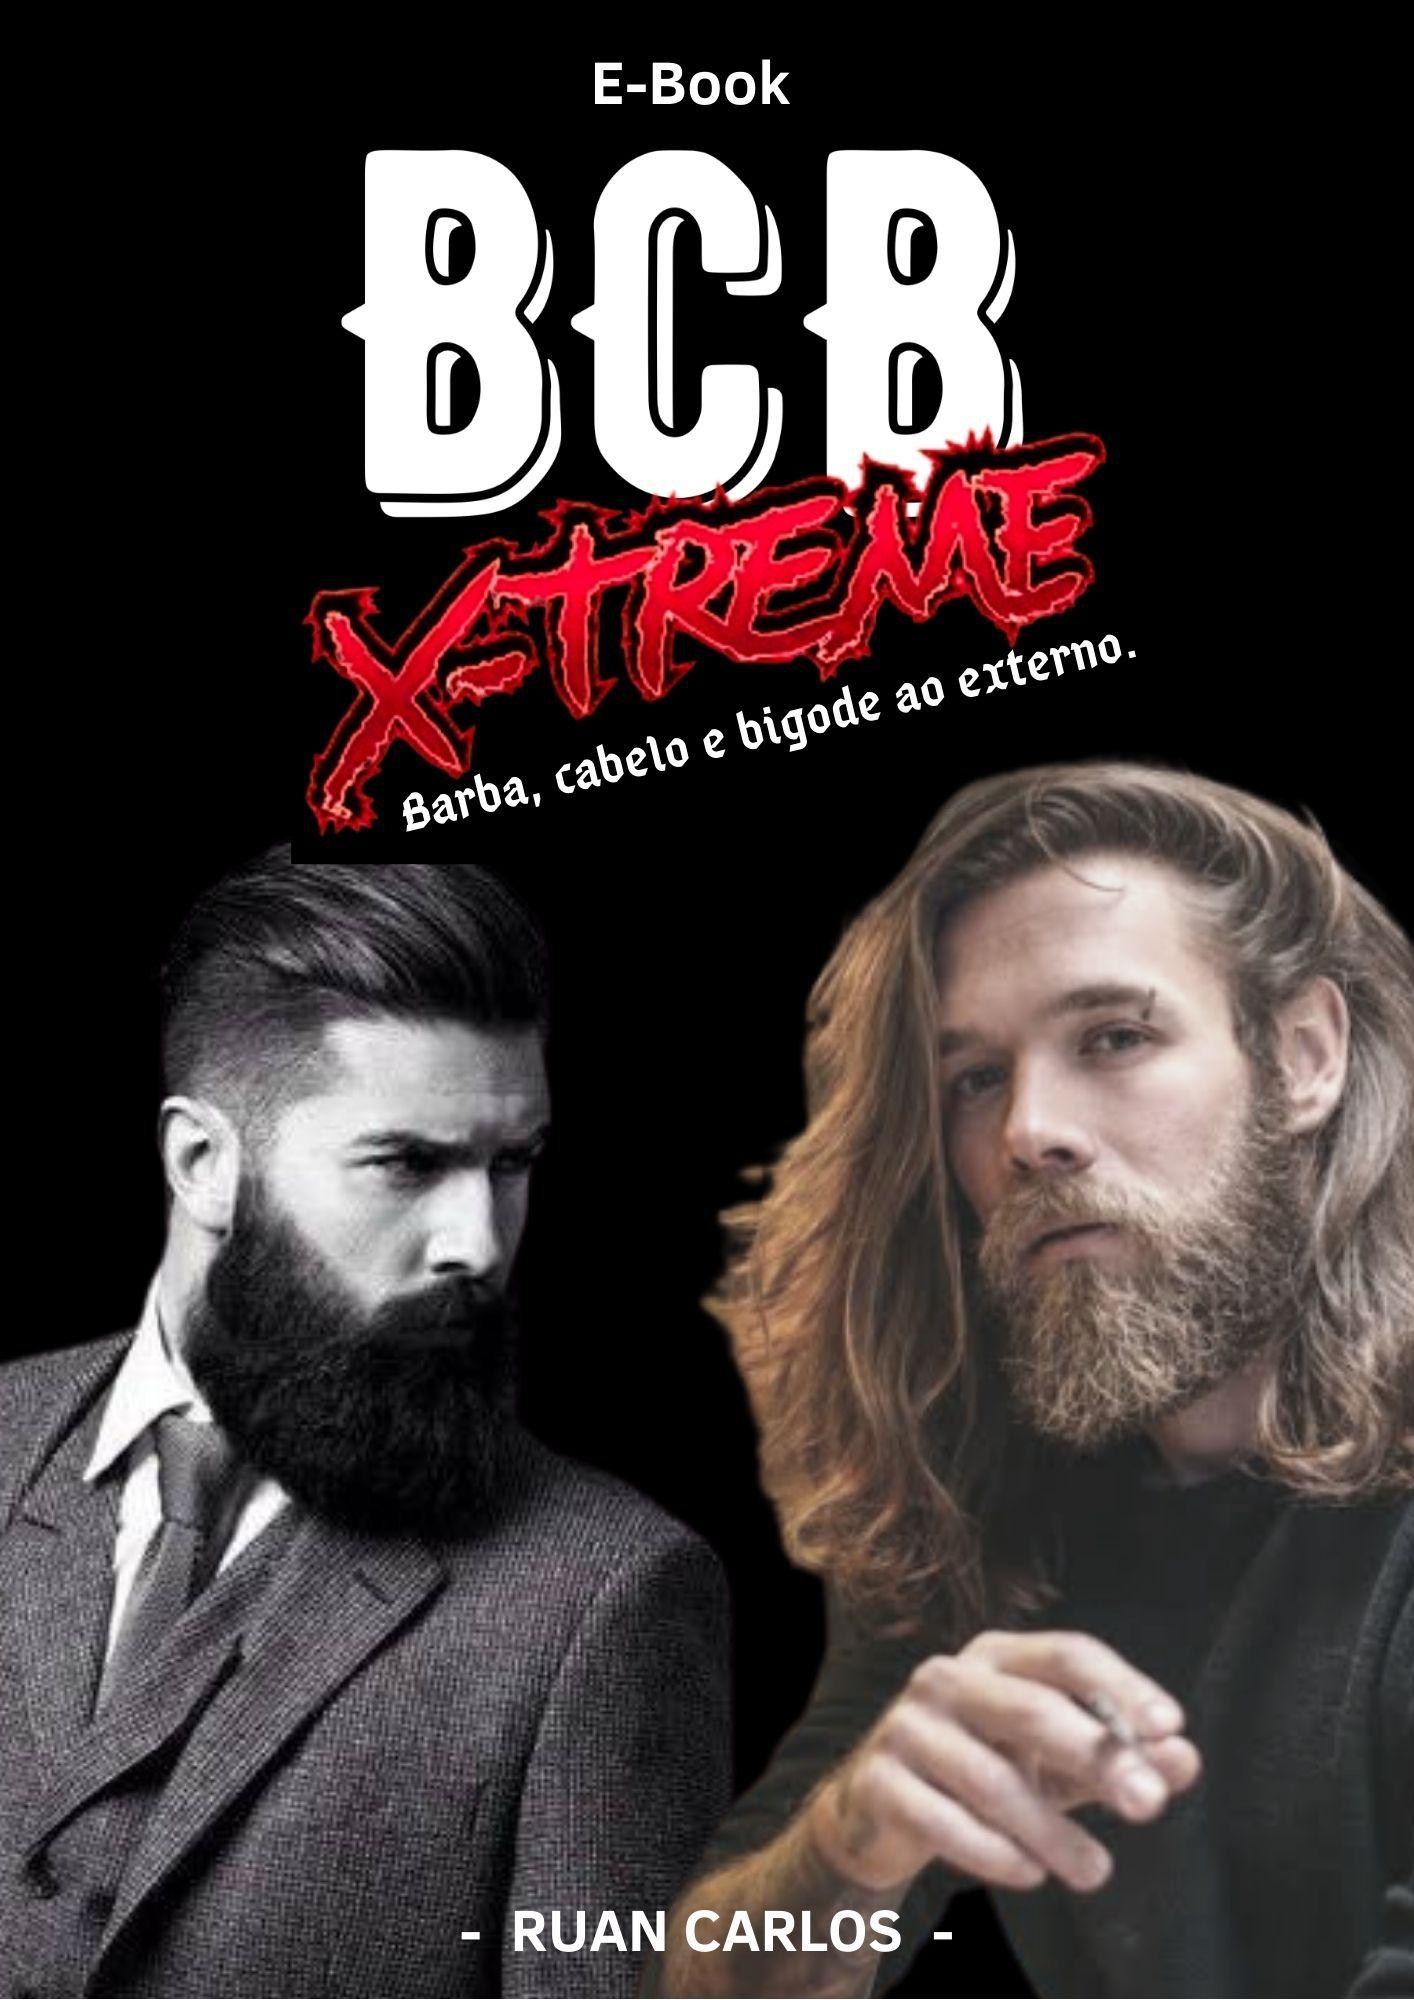 Barba Cabelo e Bigode X-Treme Ebook livro pdf download - BCB X-TReme